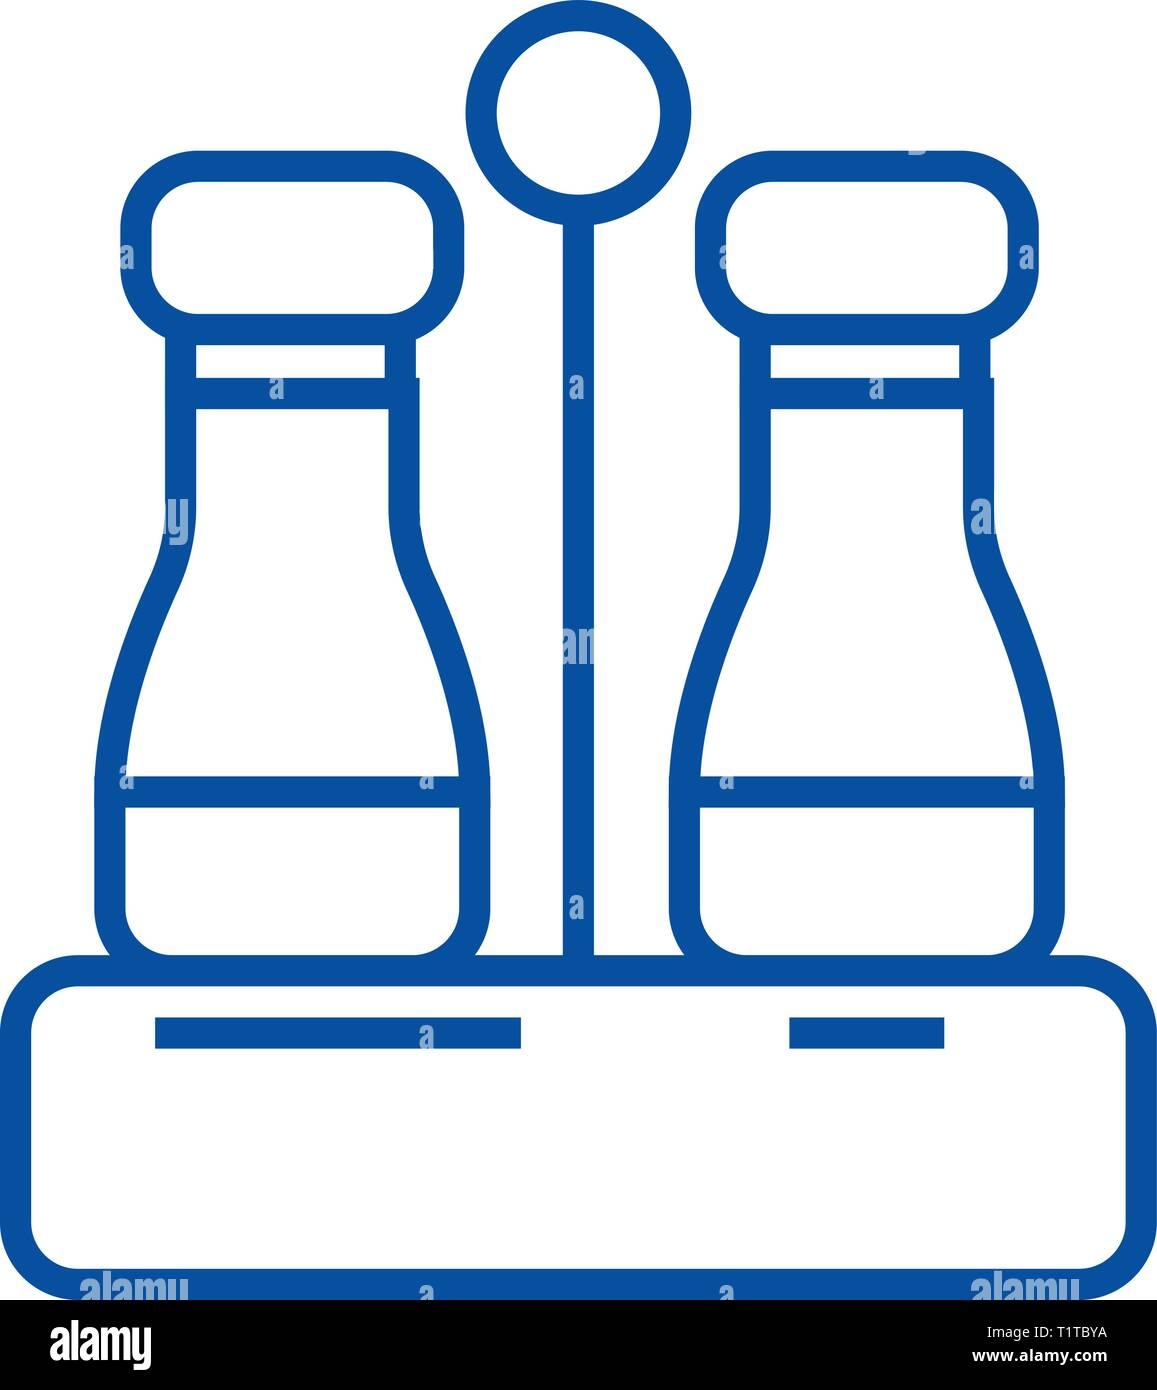 Assaisonner de sel et poivre,icône ligne concept. Assaisonner de sel et poivre,télévision, signe, symbole vecteur illustration contour. Illustration de Vecteur